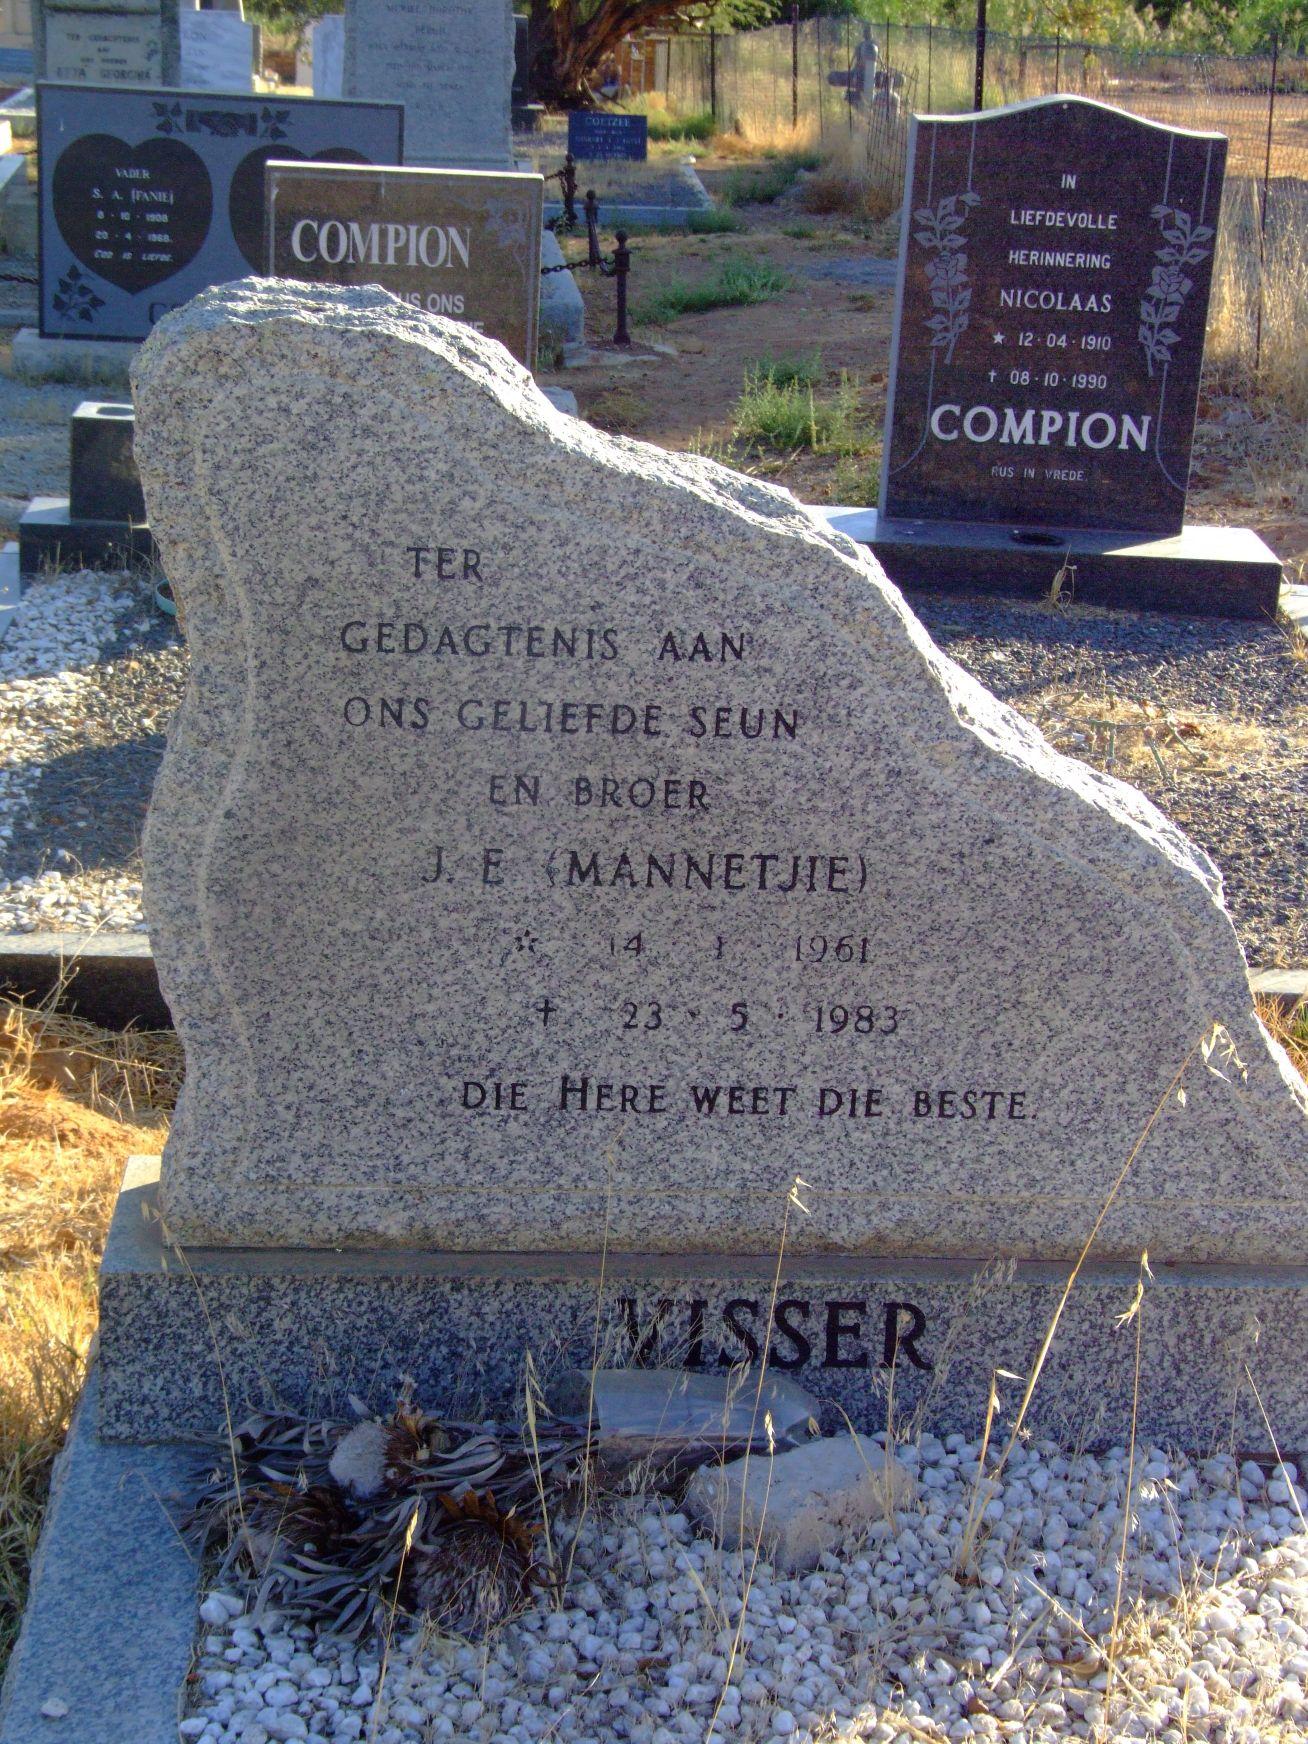 Visser, J.E. (Mannetjie)